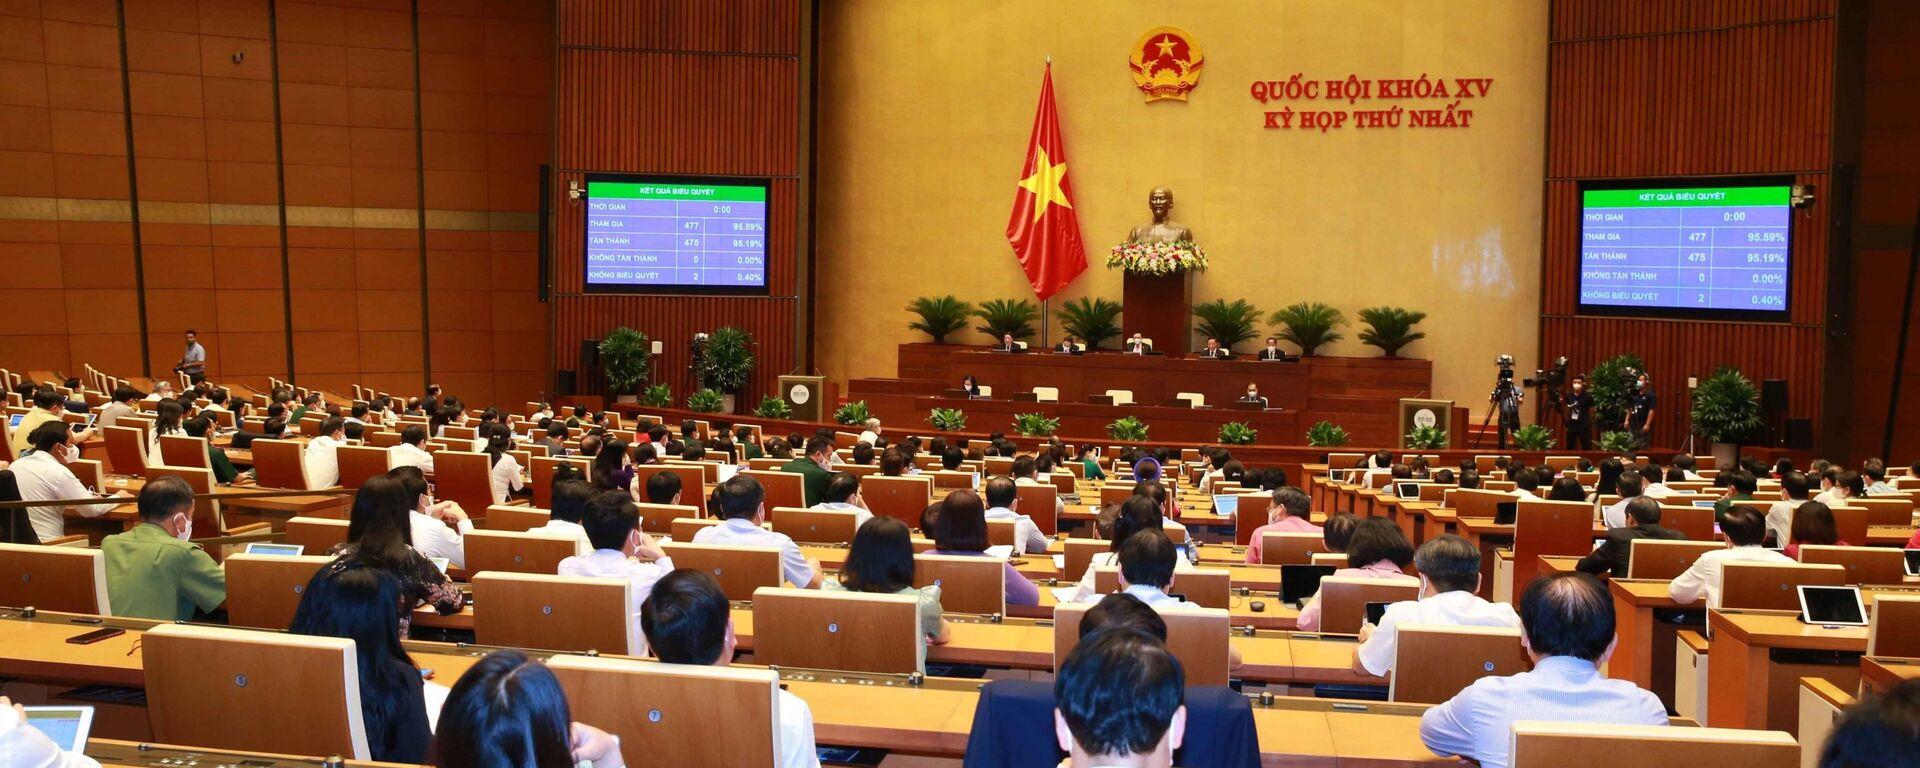 Quốc hội thông qua Nghị quyết về Kế hoạch phát triển kinh tế - xã hội 5 năm 2021-2025 - Sputnik Việt Nam, 1920, 27.07.2021